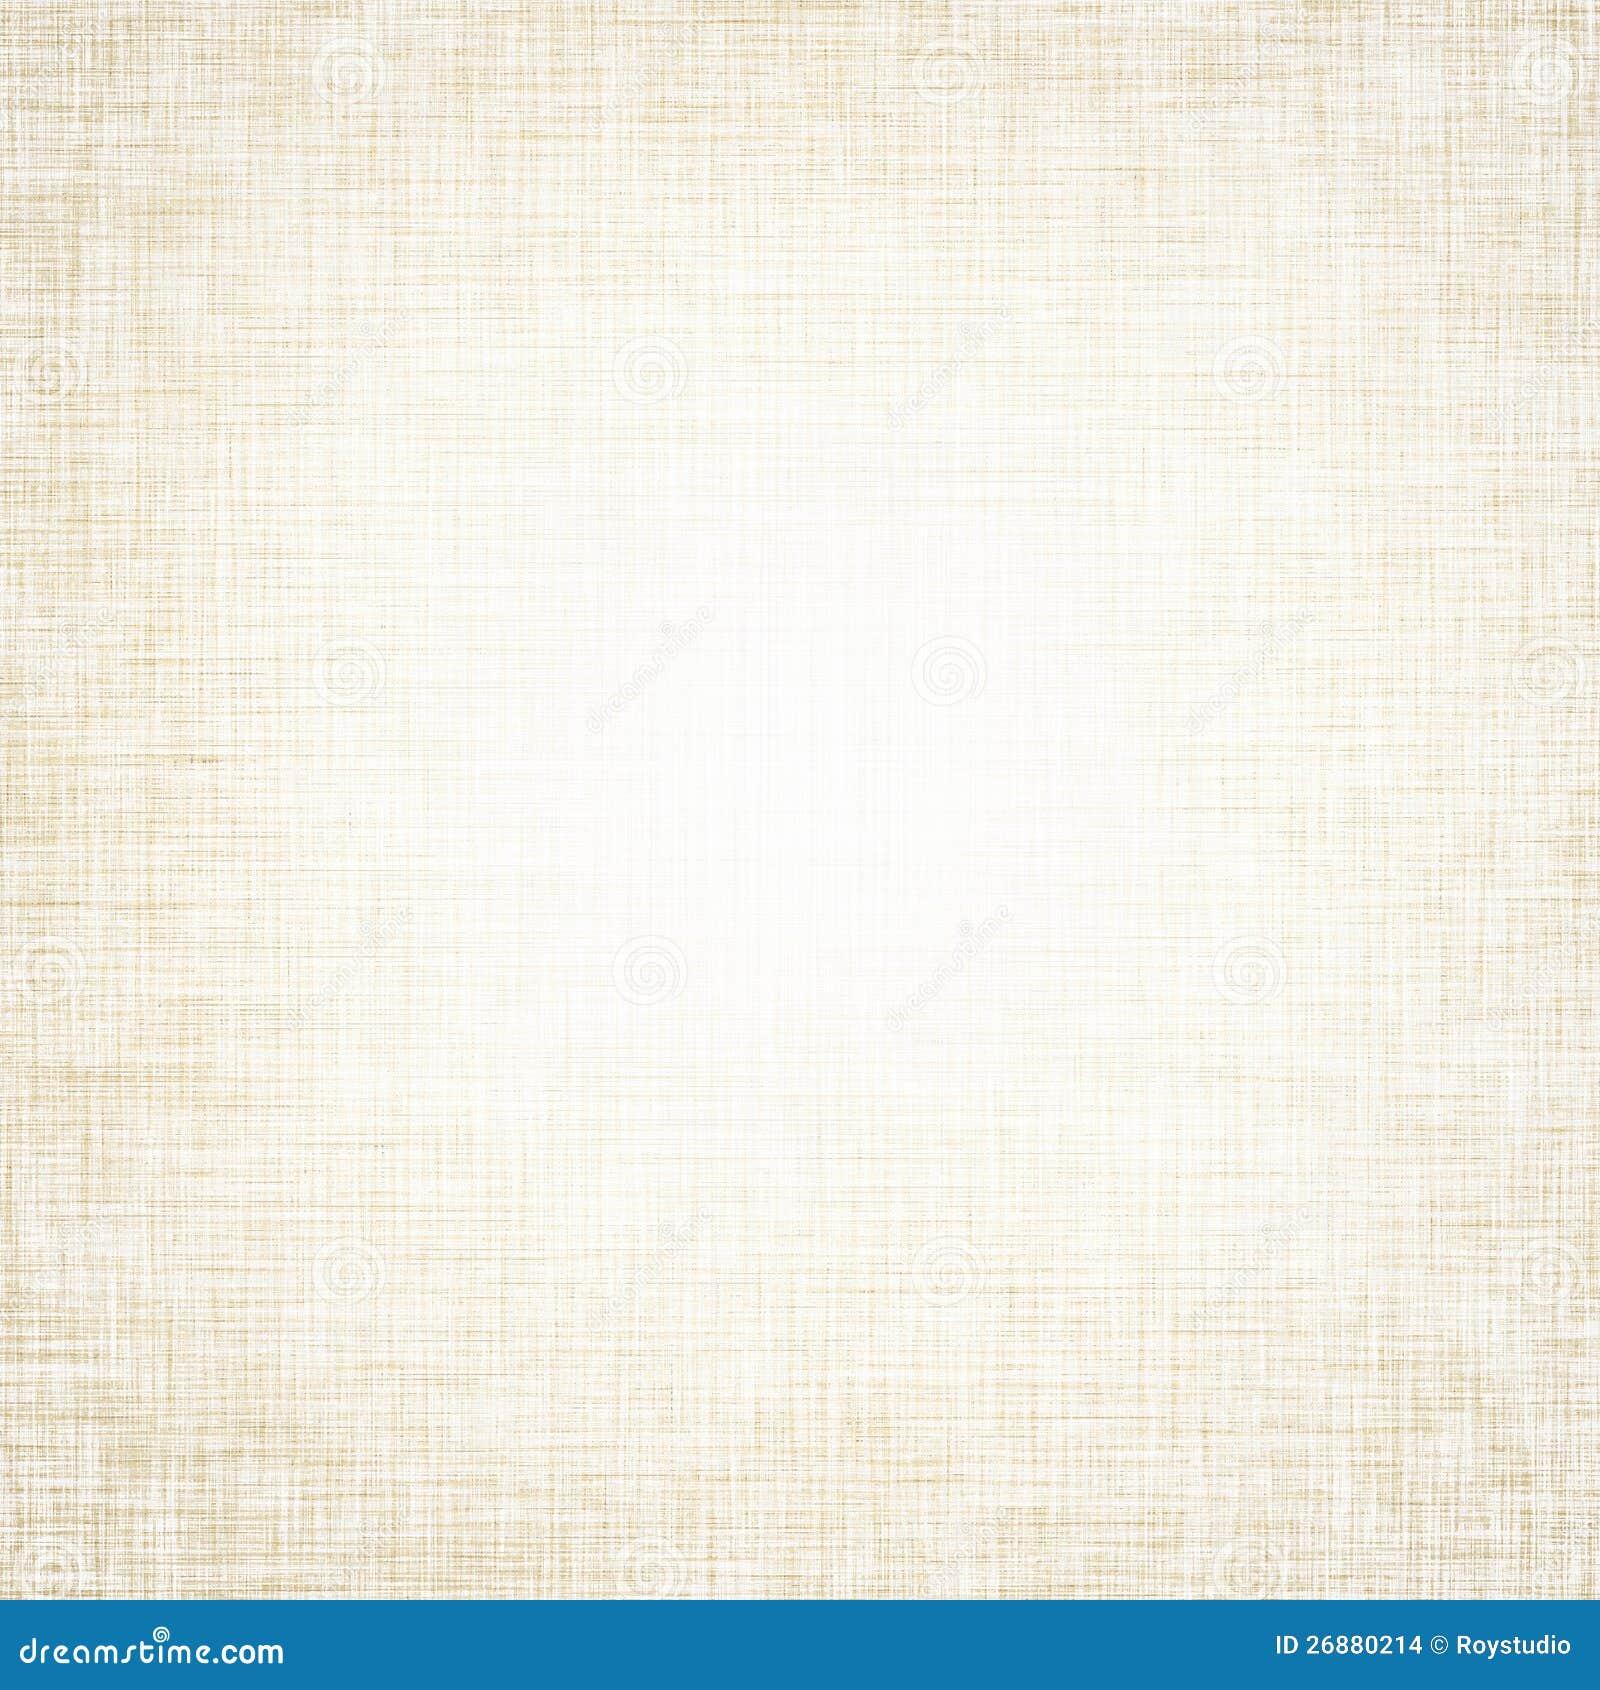 米黄背景模式画布纹理